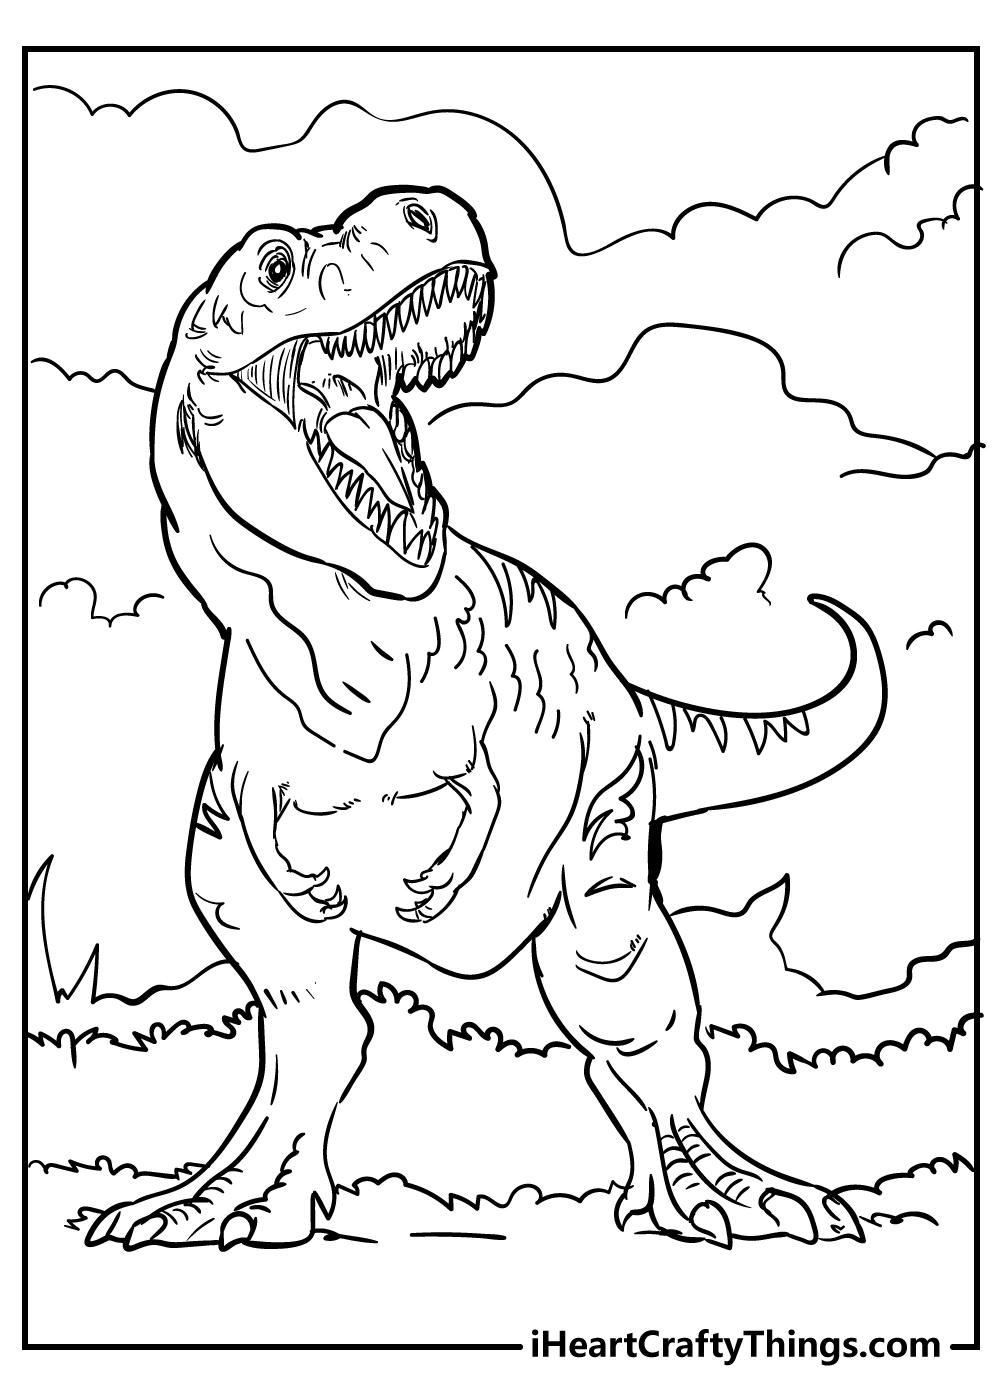 Tyrannosaurus coloring page